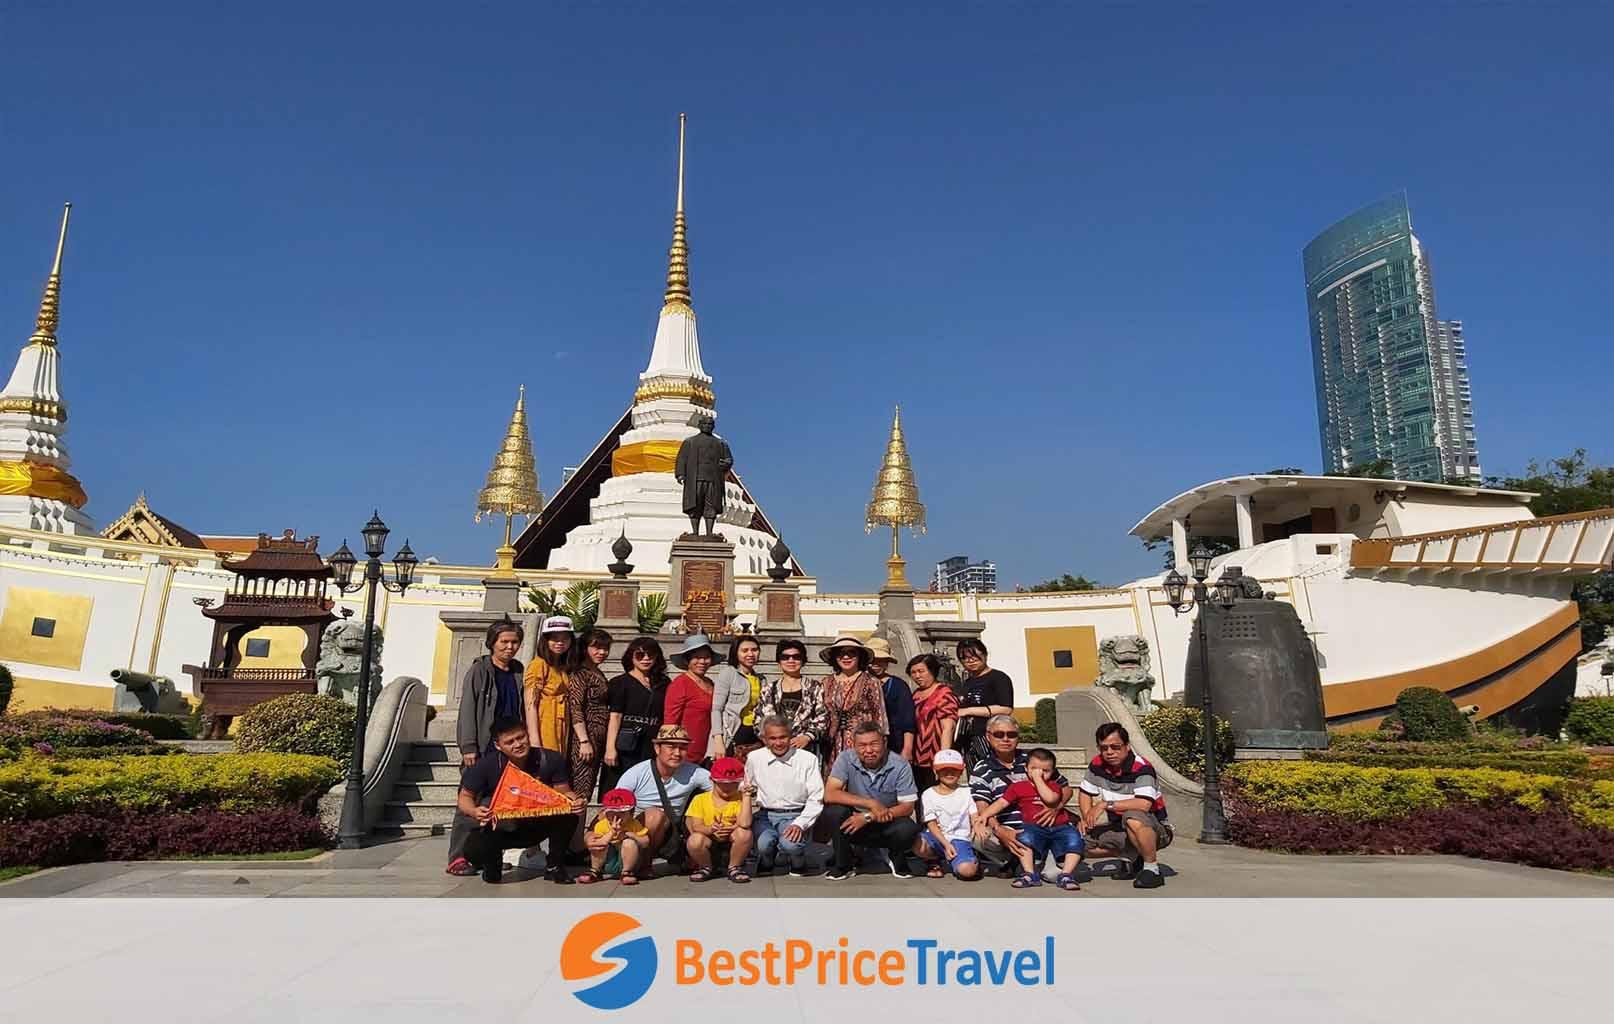 Hình ảnh khách hàng BestPrice tại chùa Thuyền